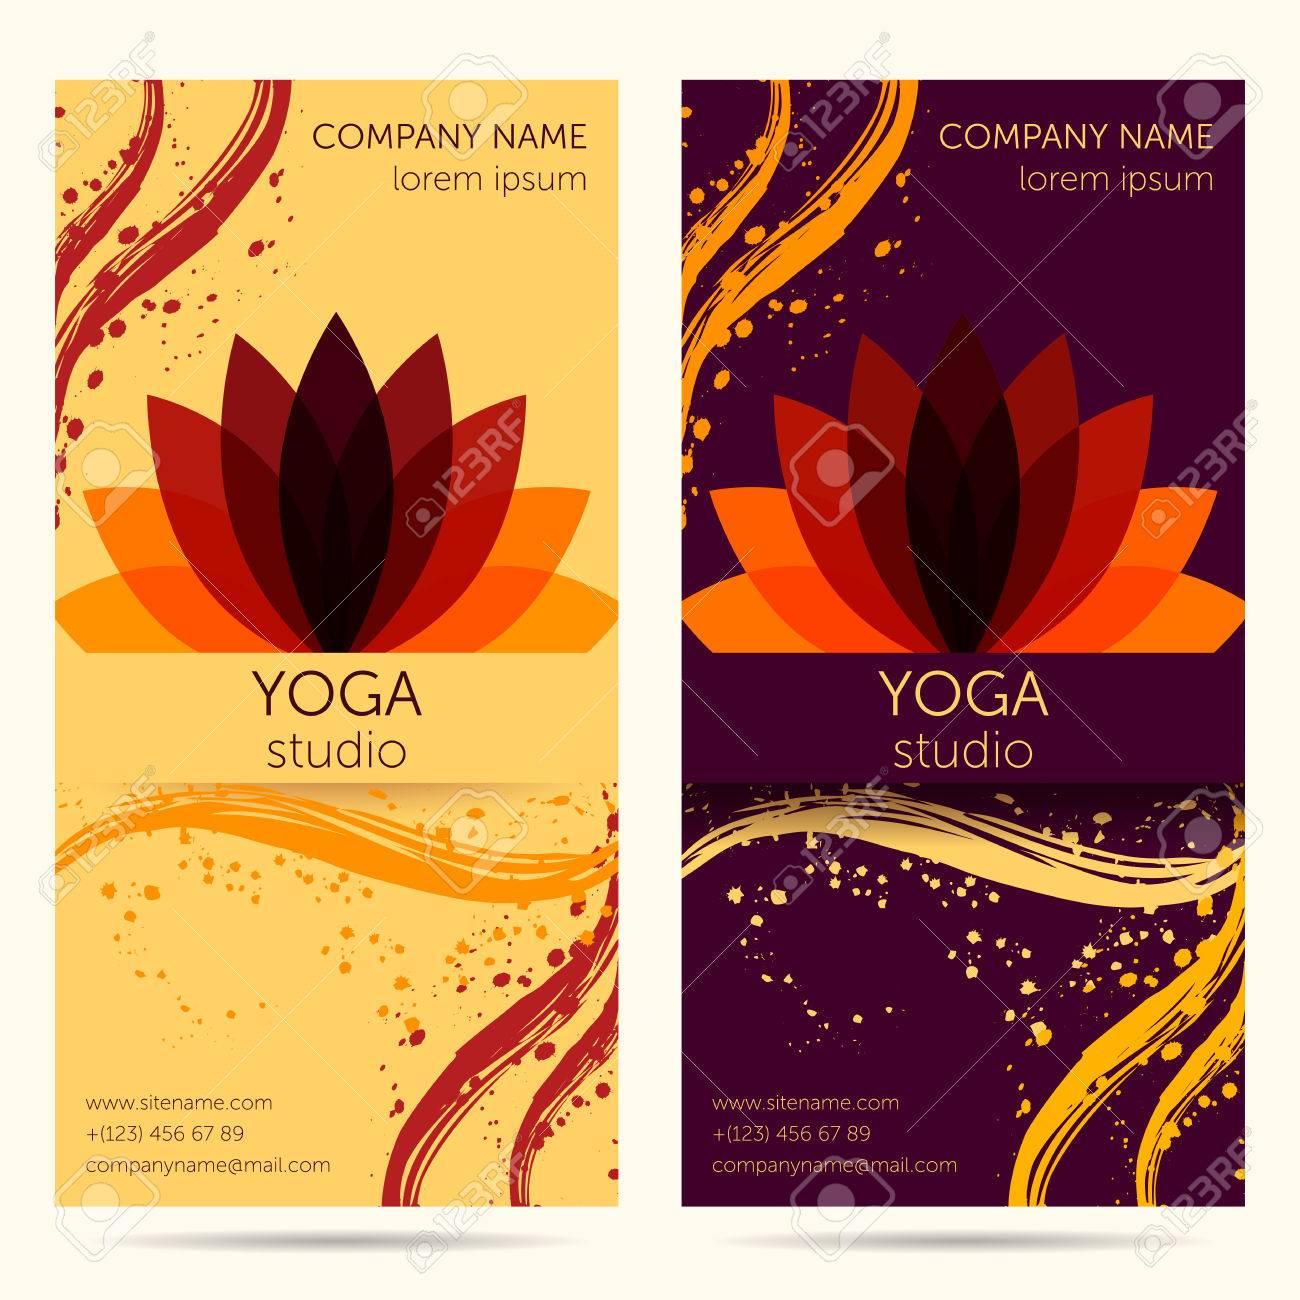 Design-Vorlage Für Yoga-Studio Mit Abstrakten Lotusblume. Design ...